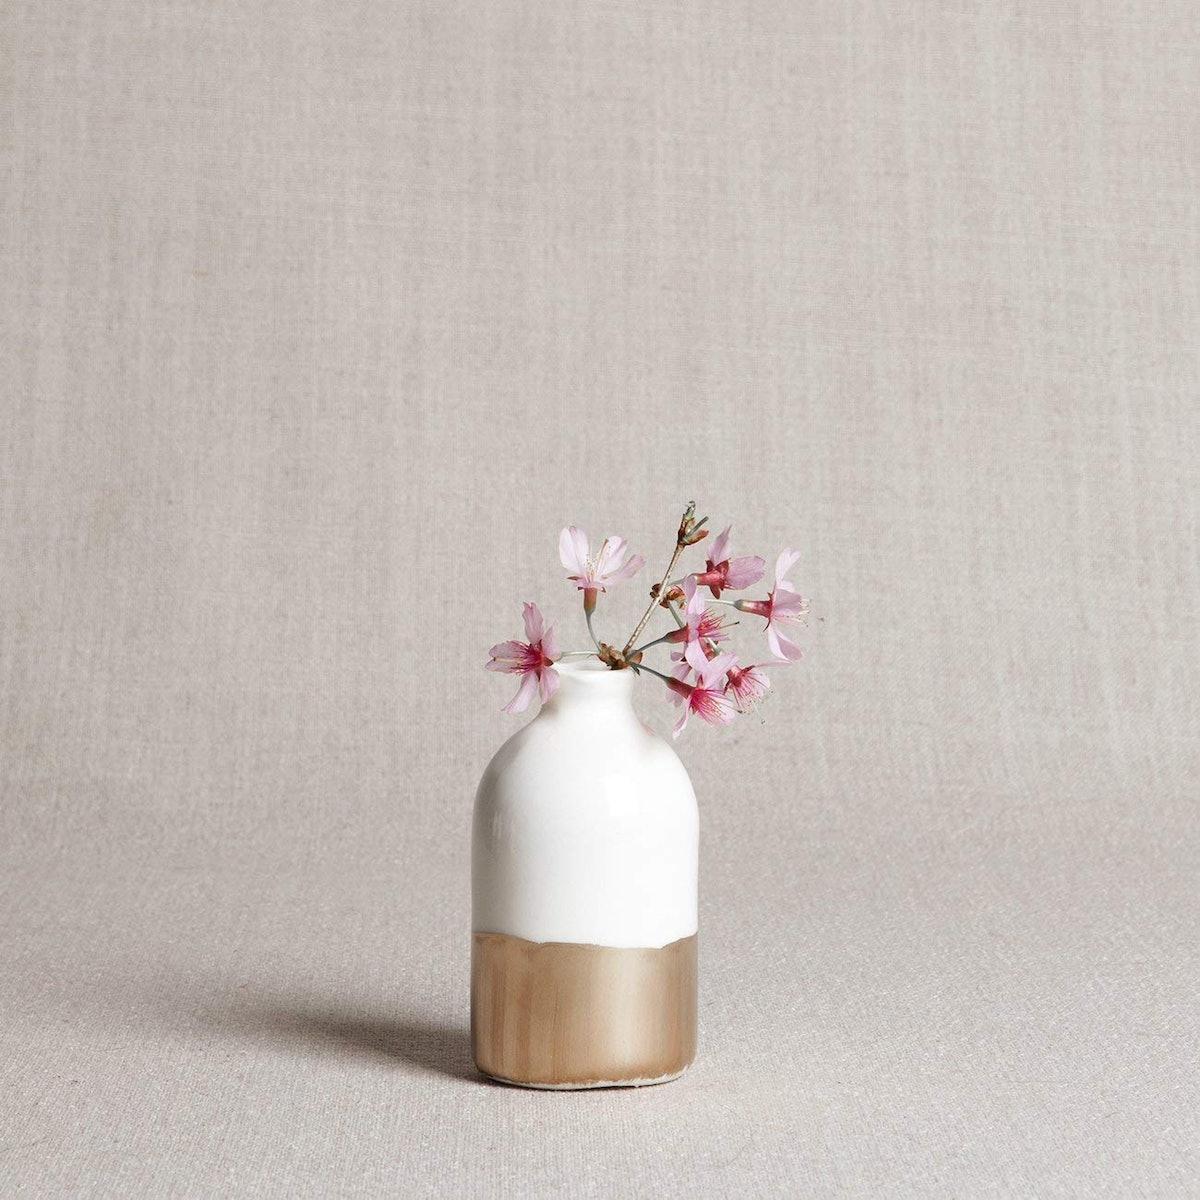 Porcelain Bud Vase White and Gold